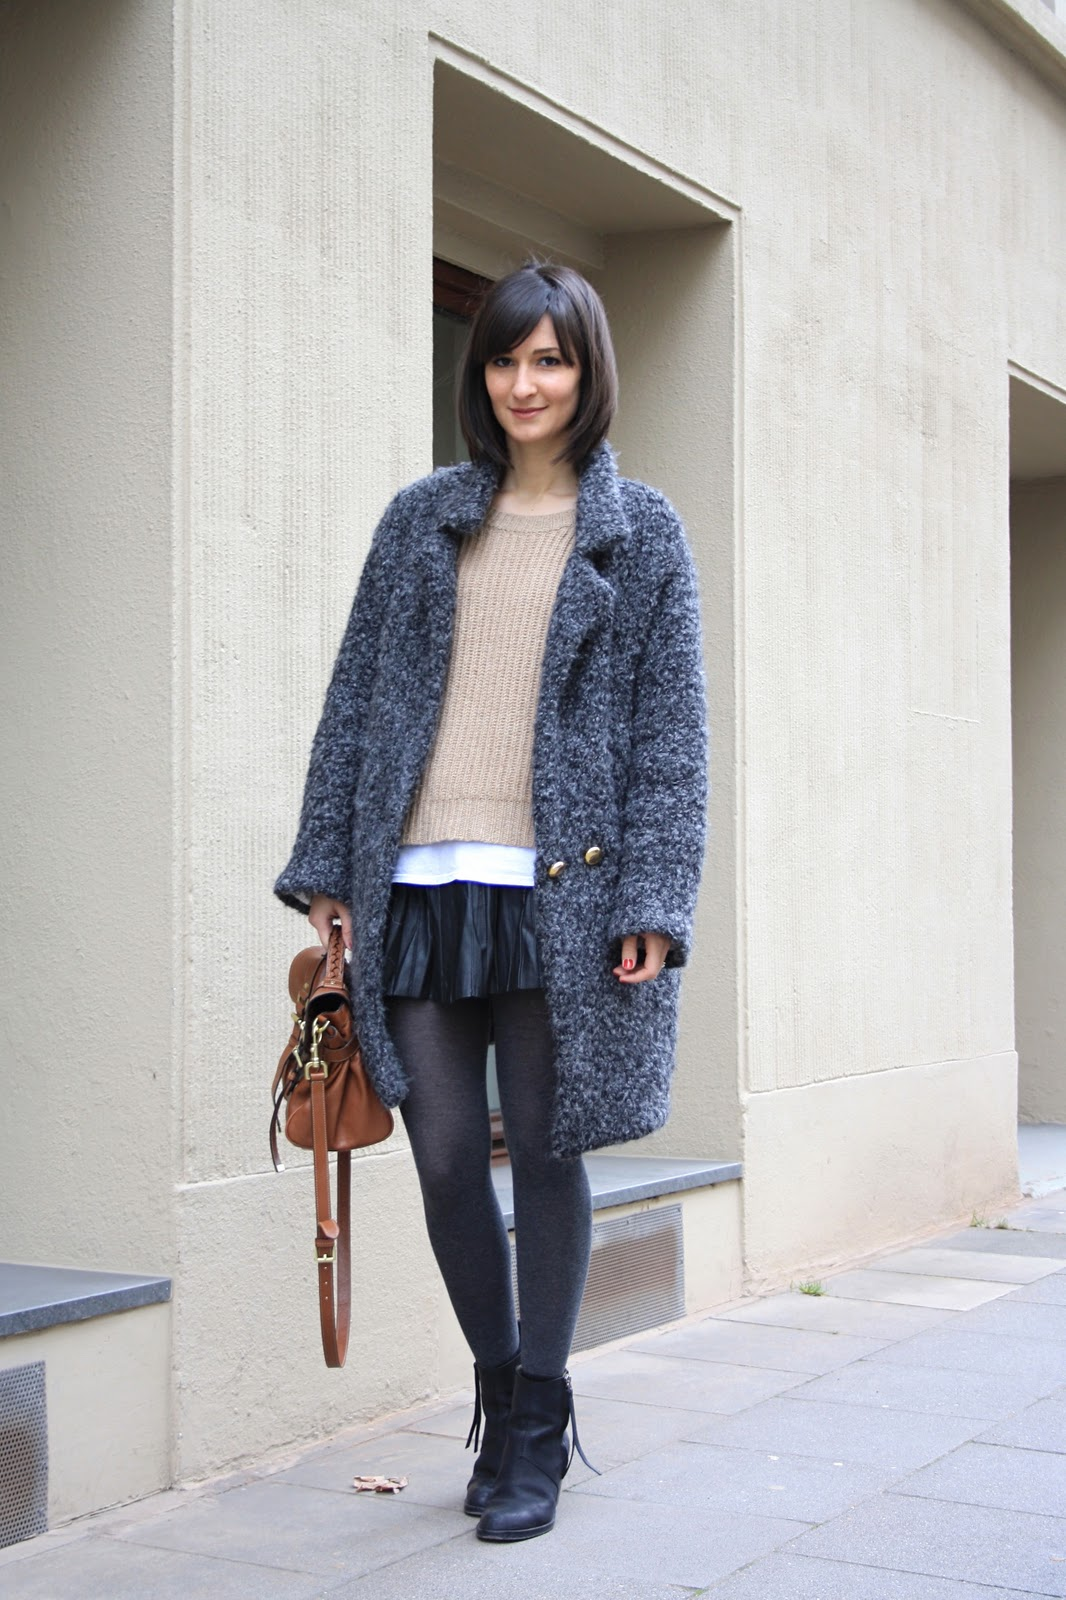 Αποτέλεσμα εικόνας για Oversized coat with skirt teen